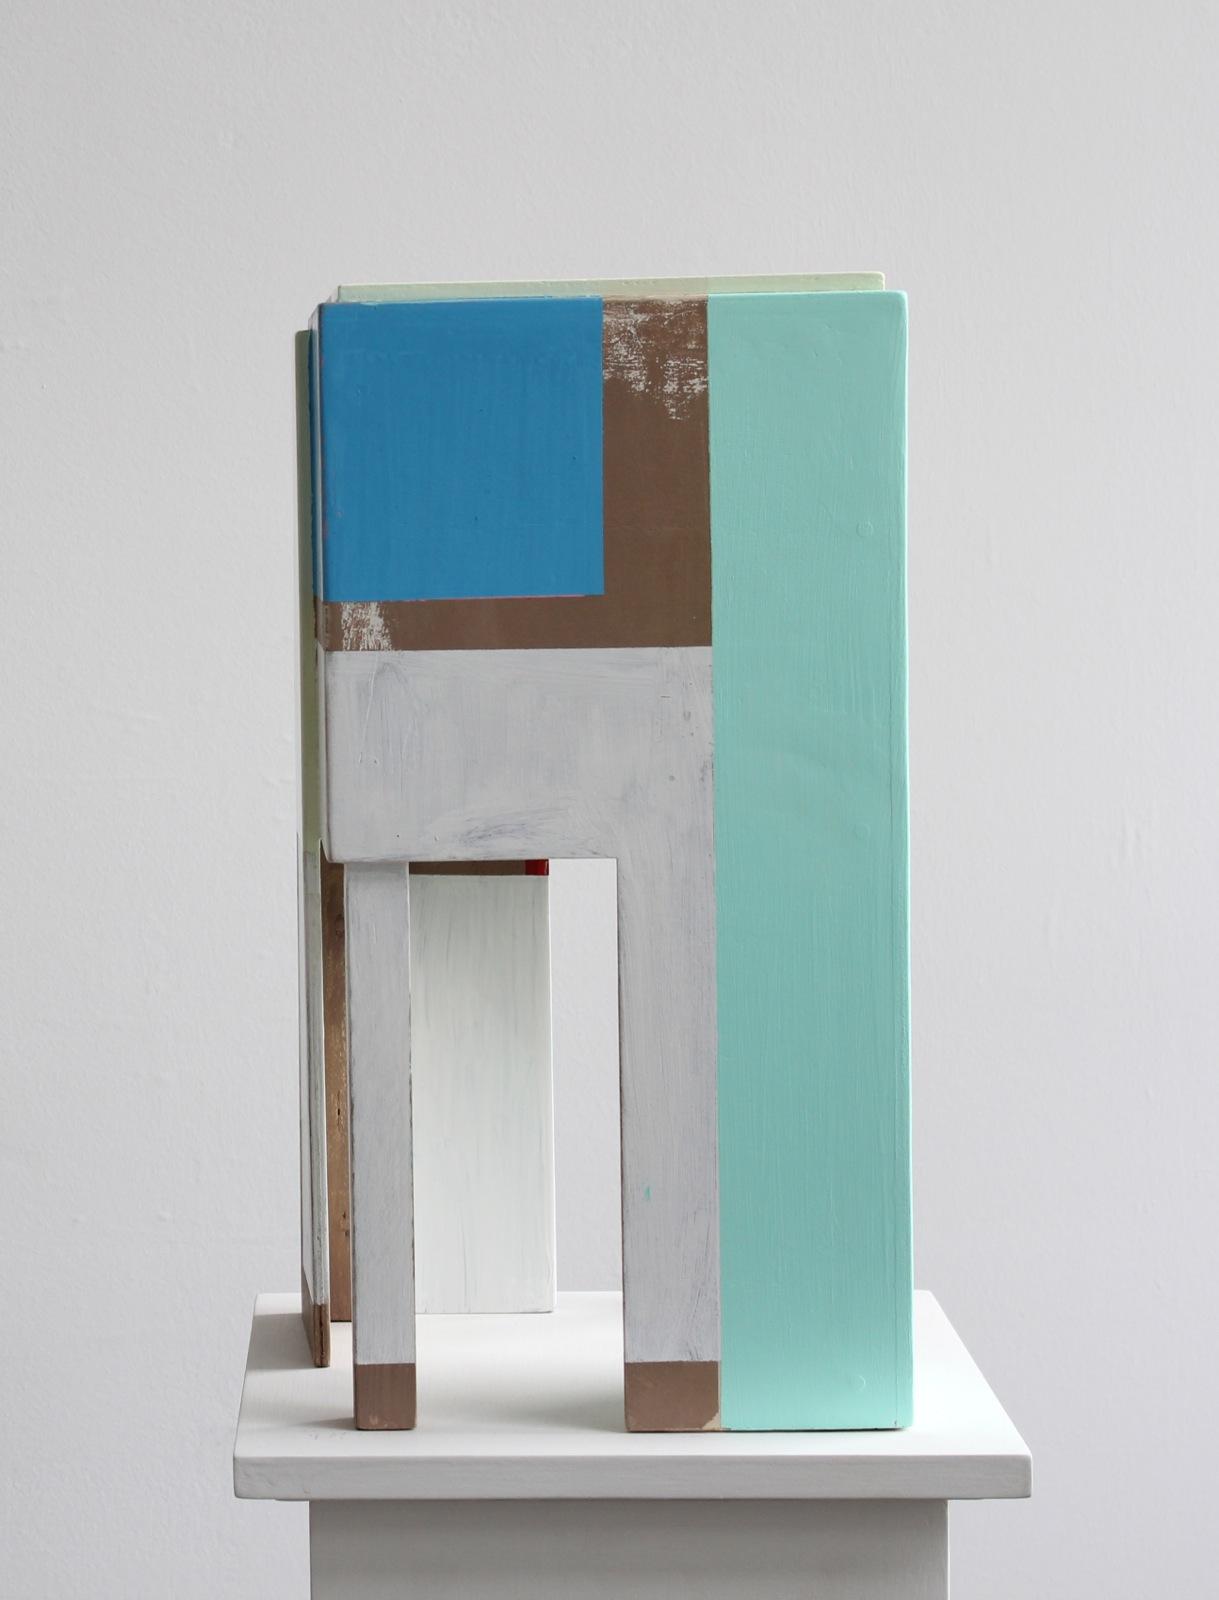 """""""Archithektur Modell"""", 51x26x28 cm, Acrylfarbe, Holz, 2015"""